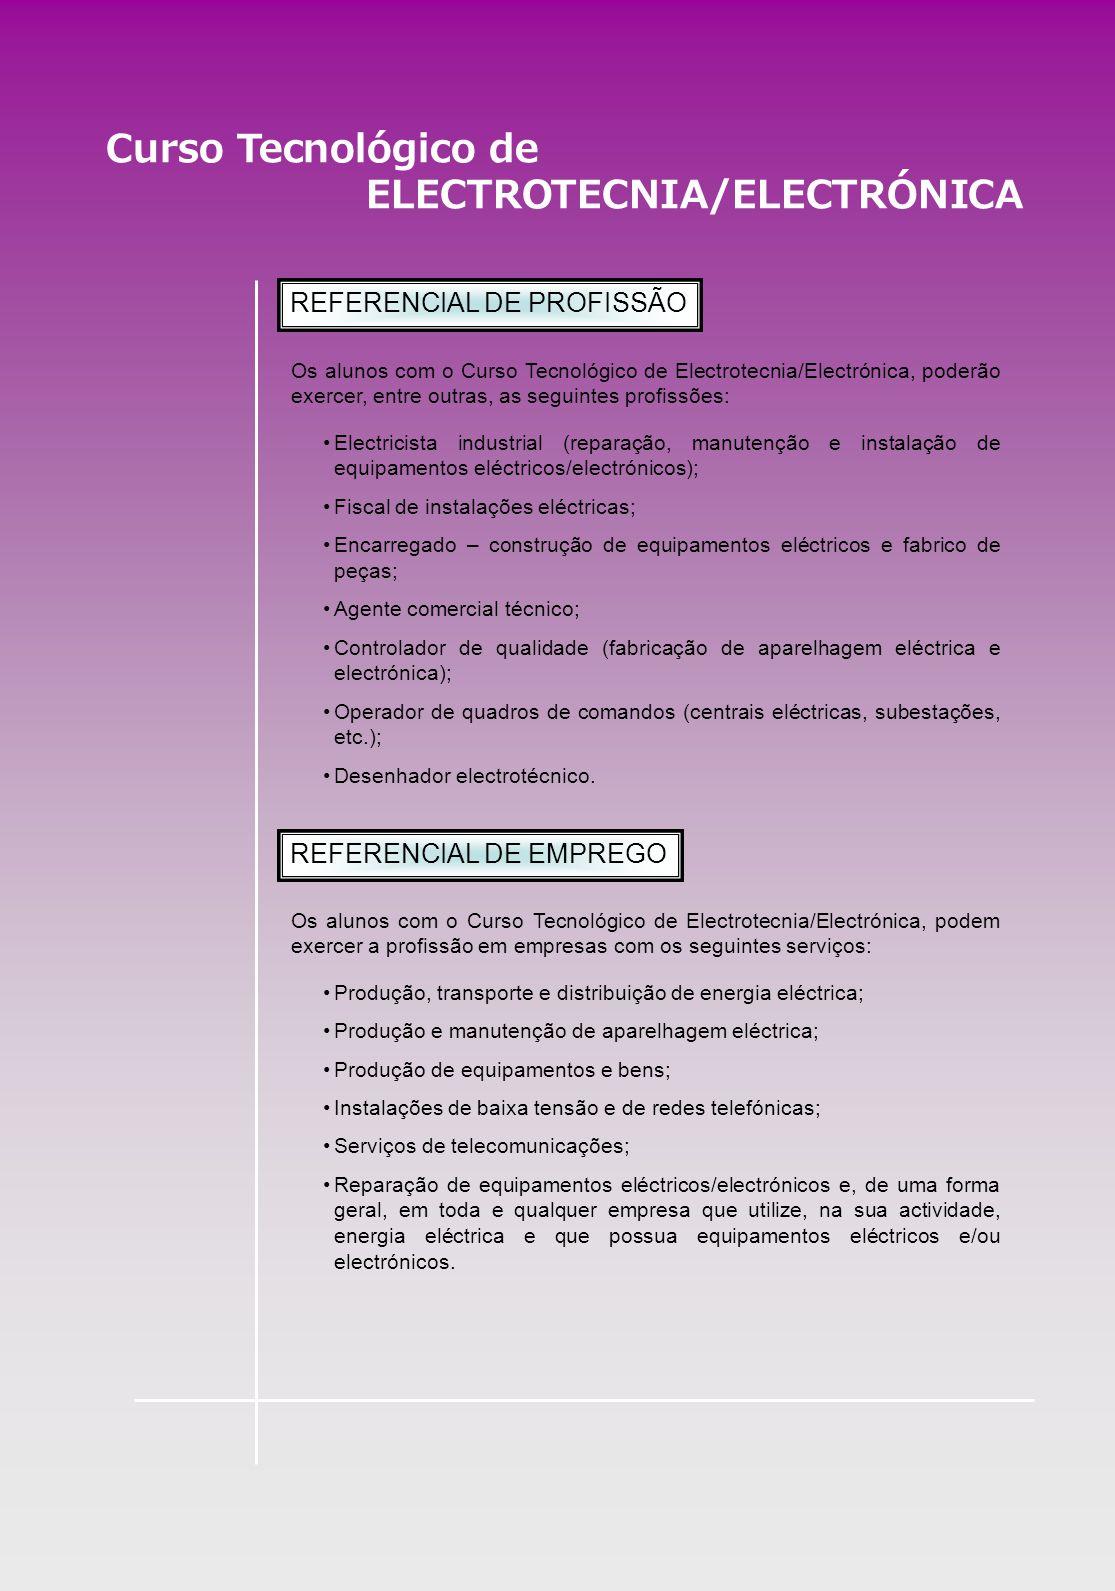 Curso Tecnológico de ELECTROTECNIA/ELECTRÓNICA REFERENCIAL DE PROFISSÃO Os alunos com o Curso Tecnológico de Electrotecnia/Electrónica, poderão exerce